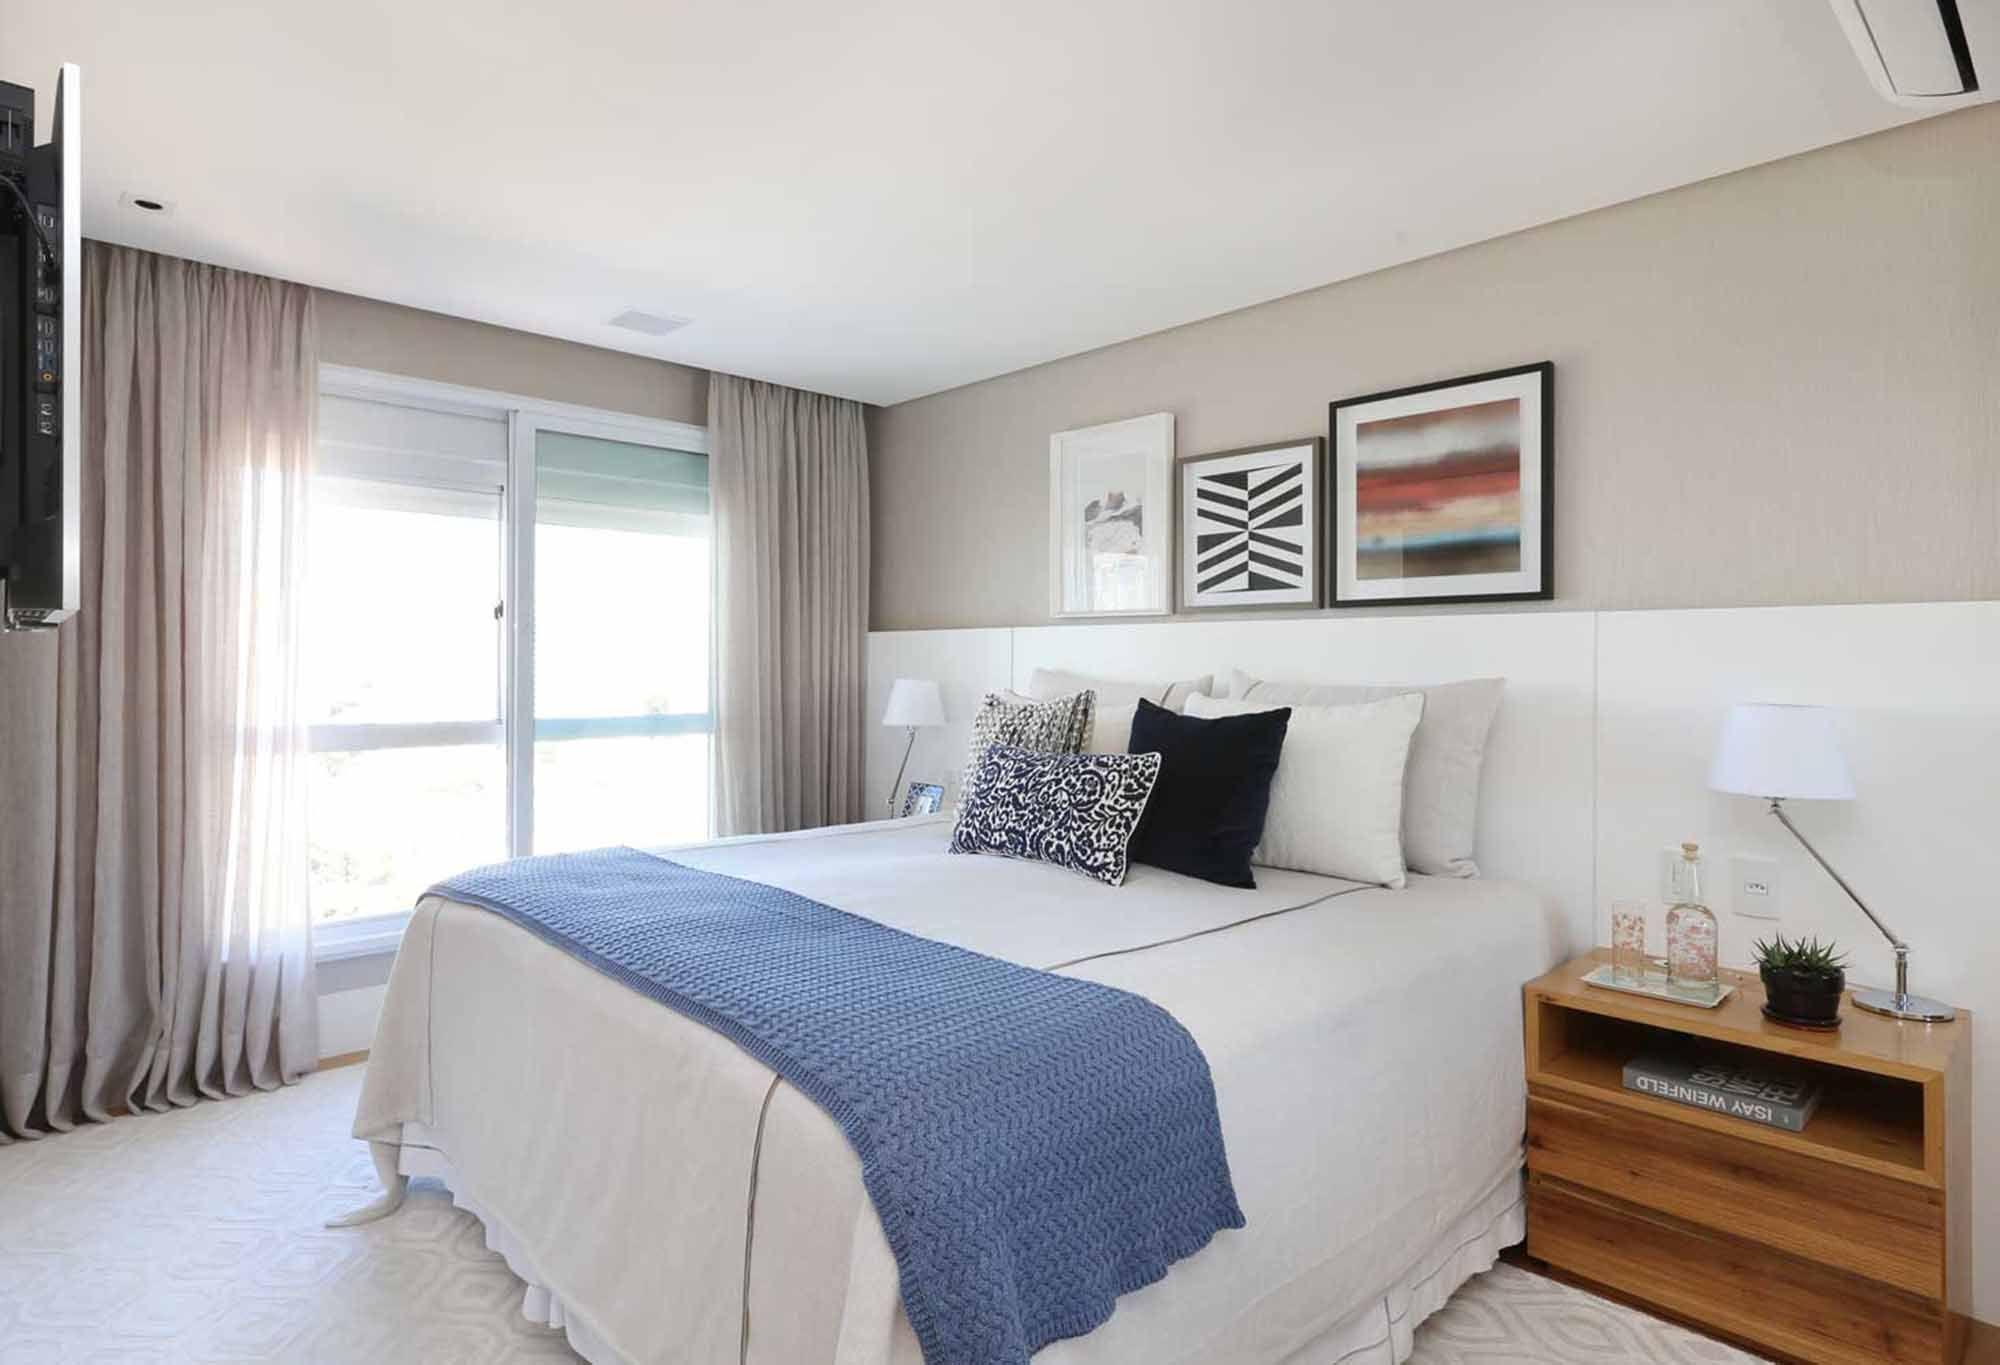 Azul une apartamento visualmente e é ponto de luz em decoração clean.